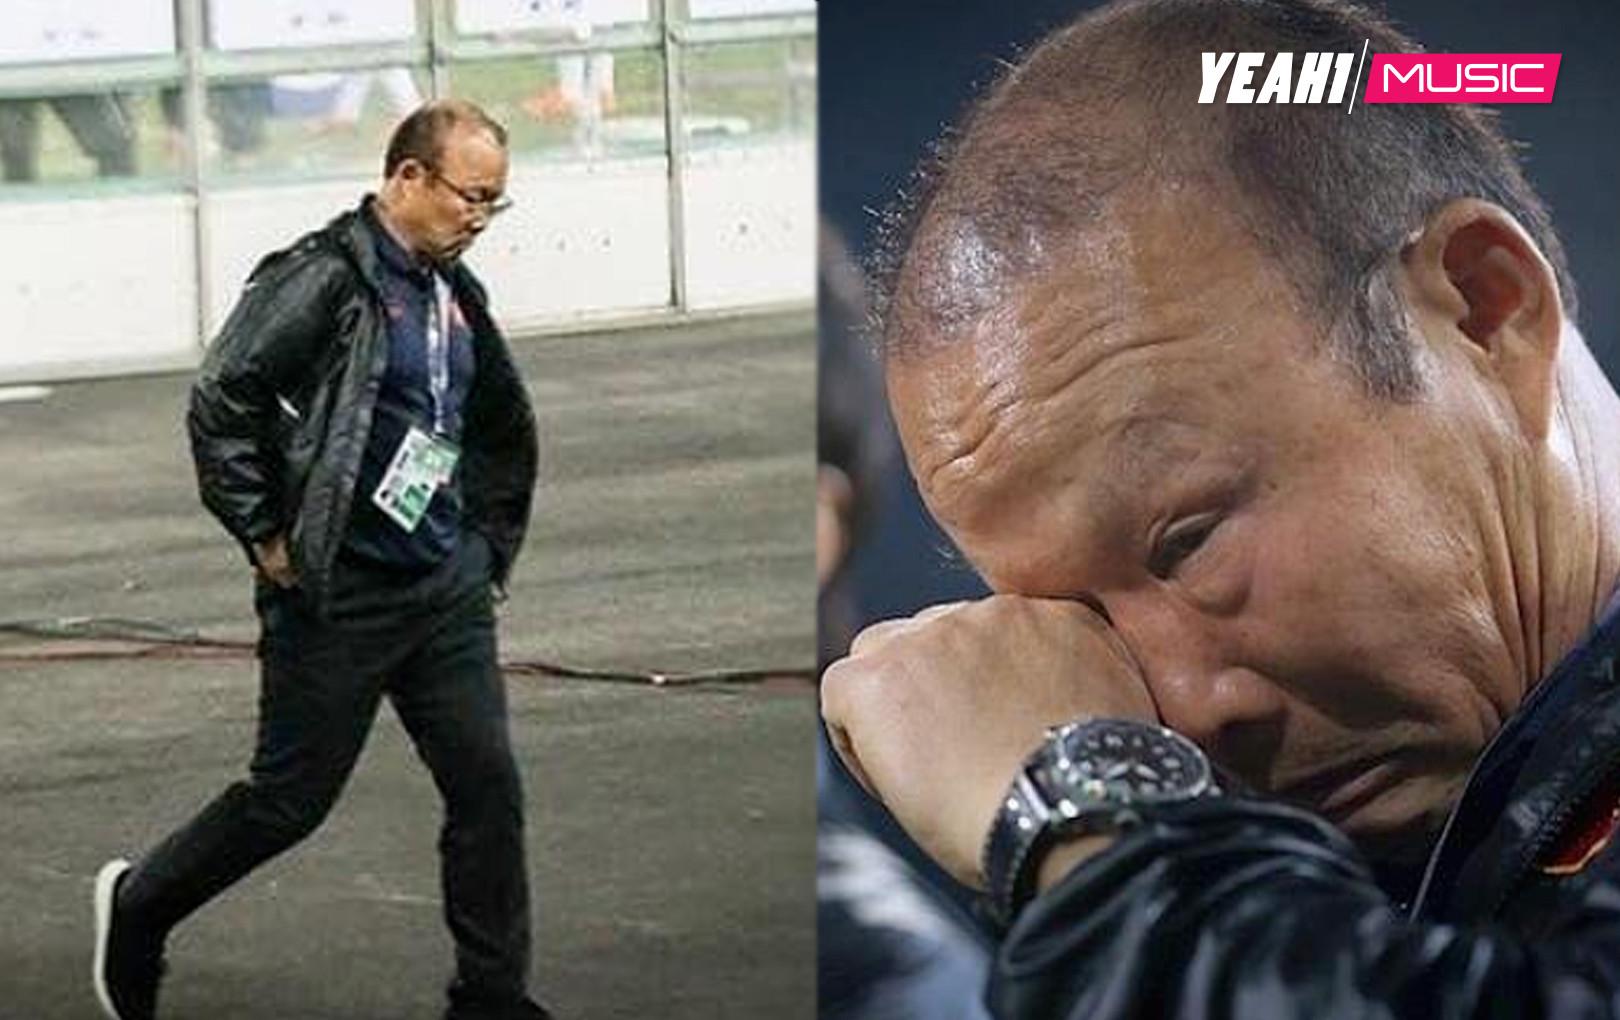 Xúc động khoảnh khắc HLV Park Hang-Seo chấm nước mắt sau chiến thắng của U23 Việt Nam